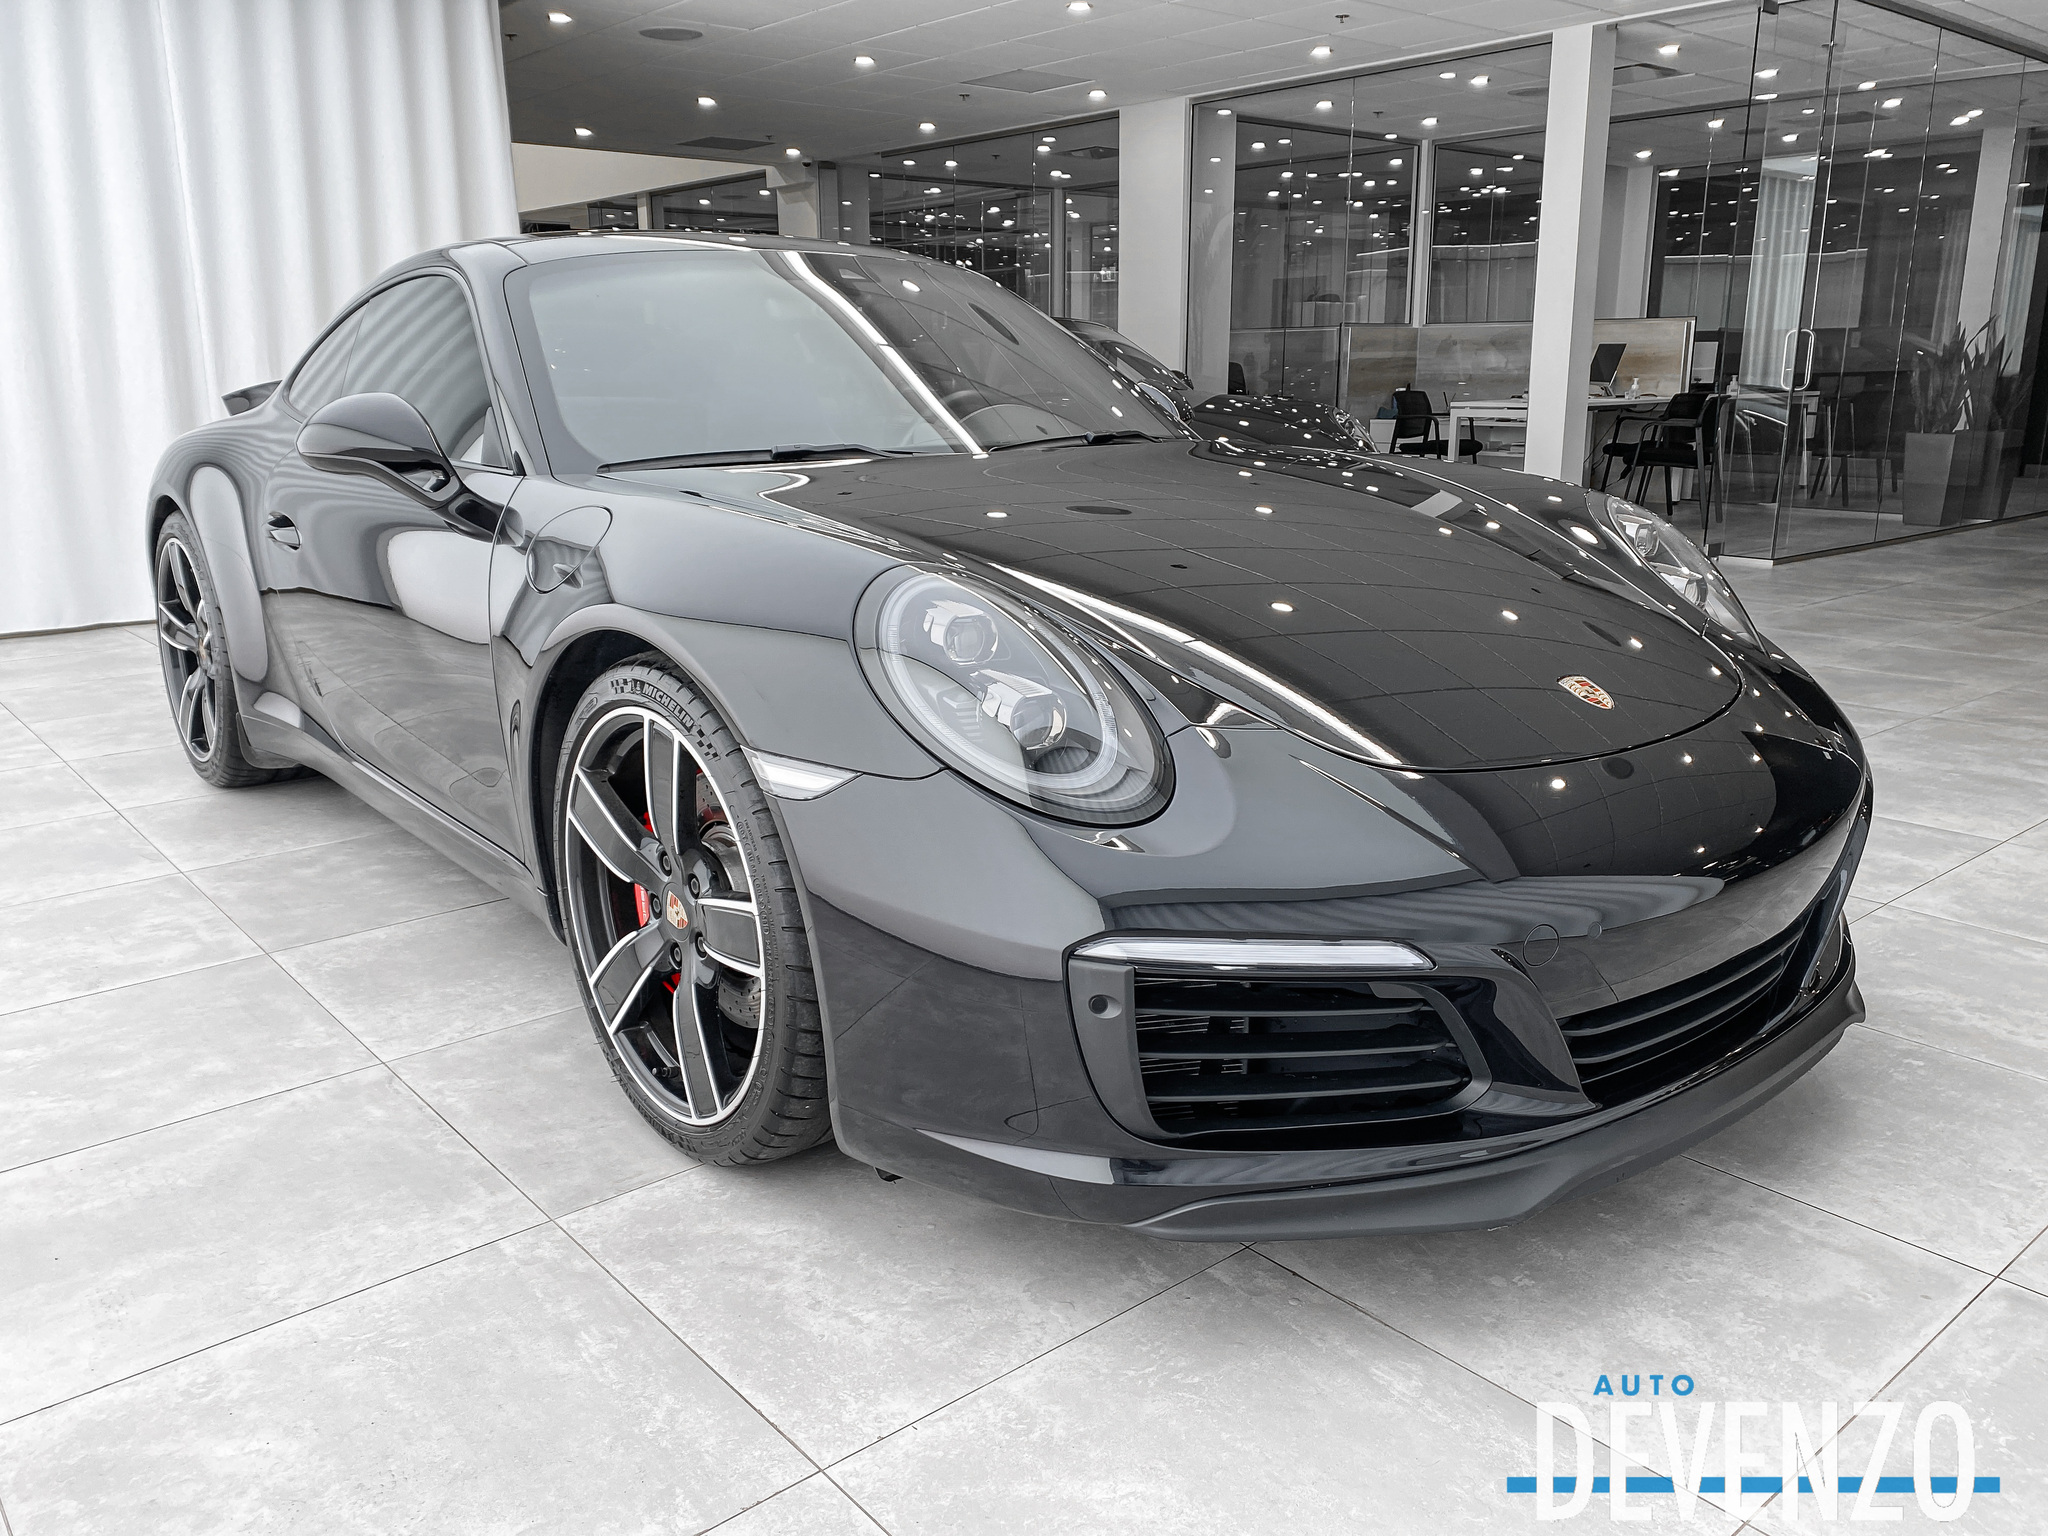 2019 Porsche 911 Carrera S Coupe SPORT CHRONO /  PDK / PDCC complet